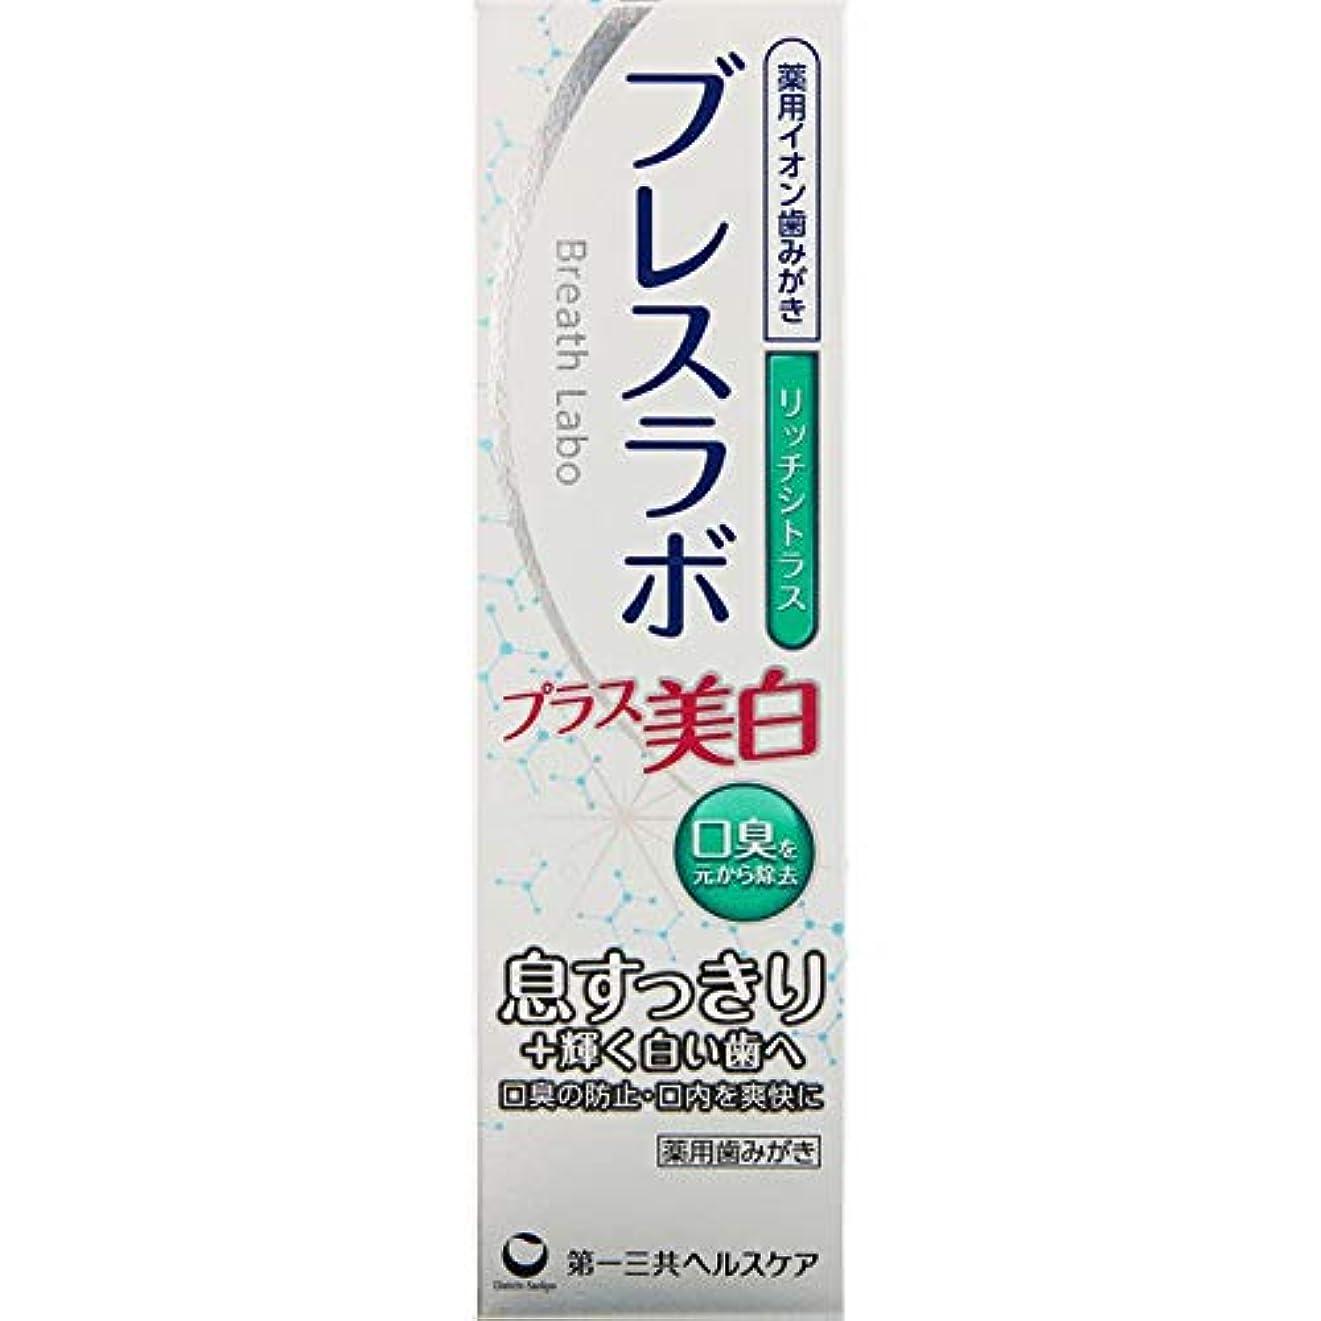 化粧一生株式ブレスラボ プラス美白 リッチシトラス 90g